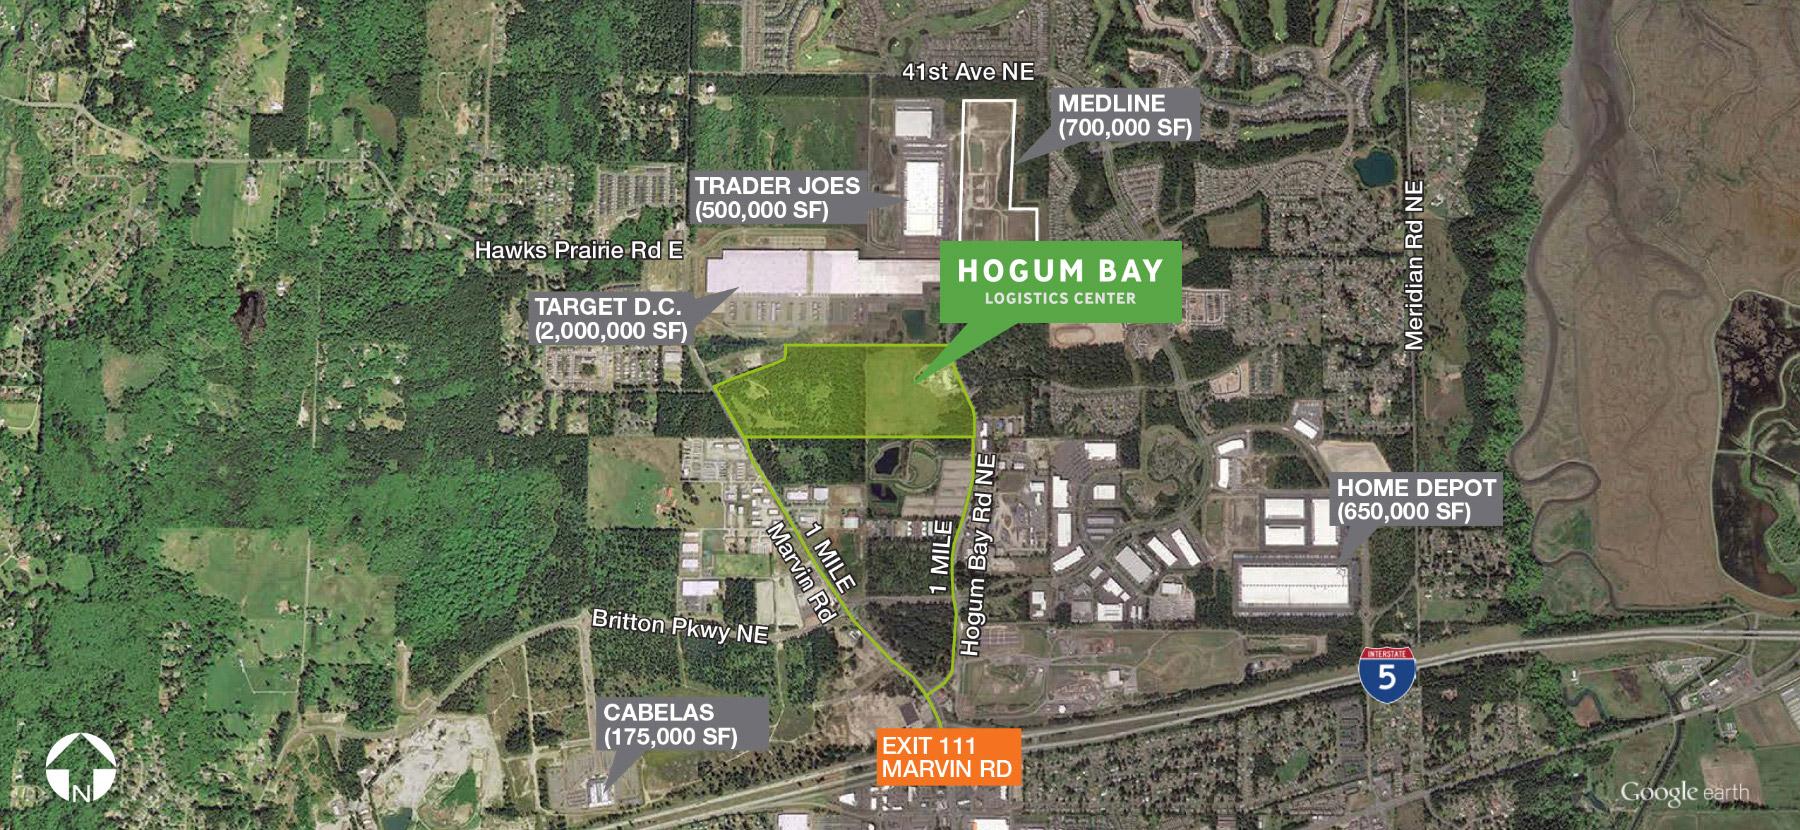 Home Depot Design Center Locations   Hogum Bay Logistics Center Location